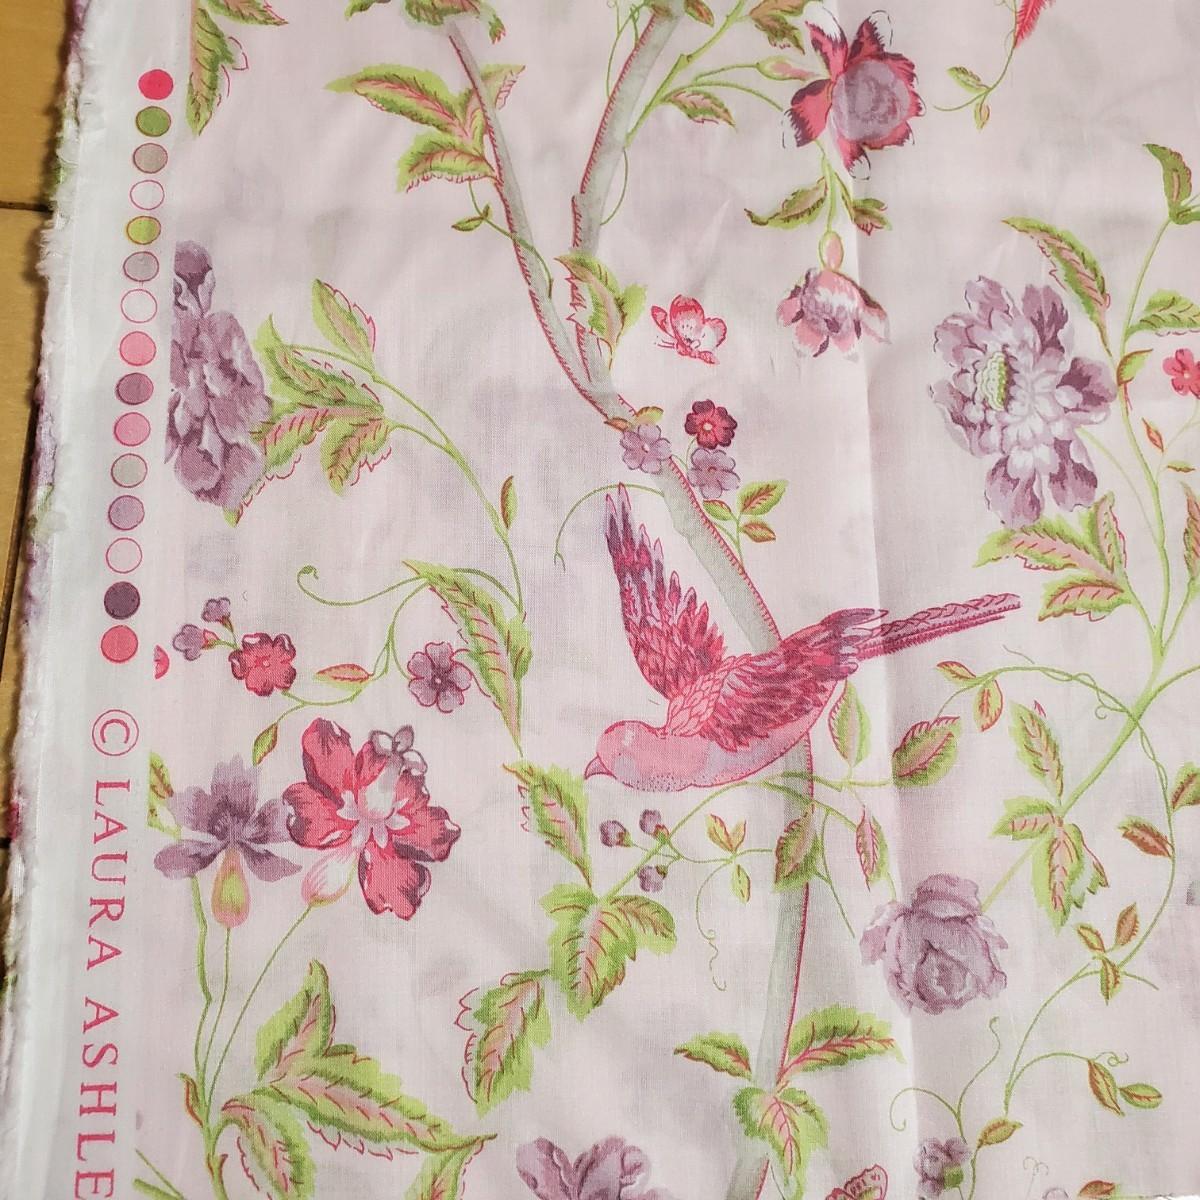 ローラアシュレイ 生地 はぎれ カットクロス 鳥 花柄 ピンク サマーパレス